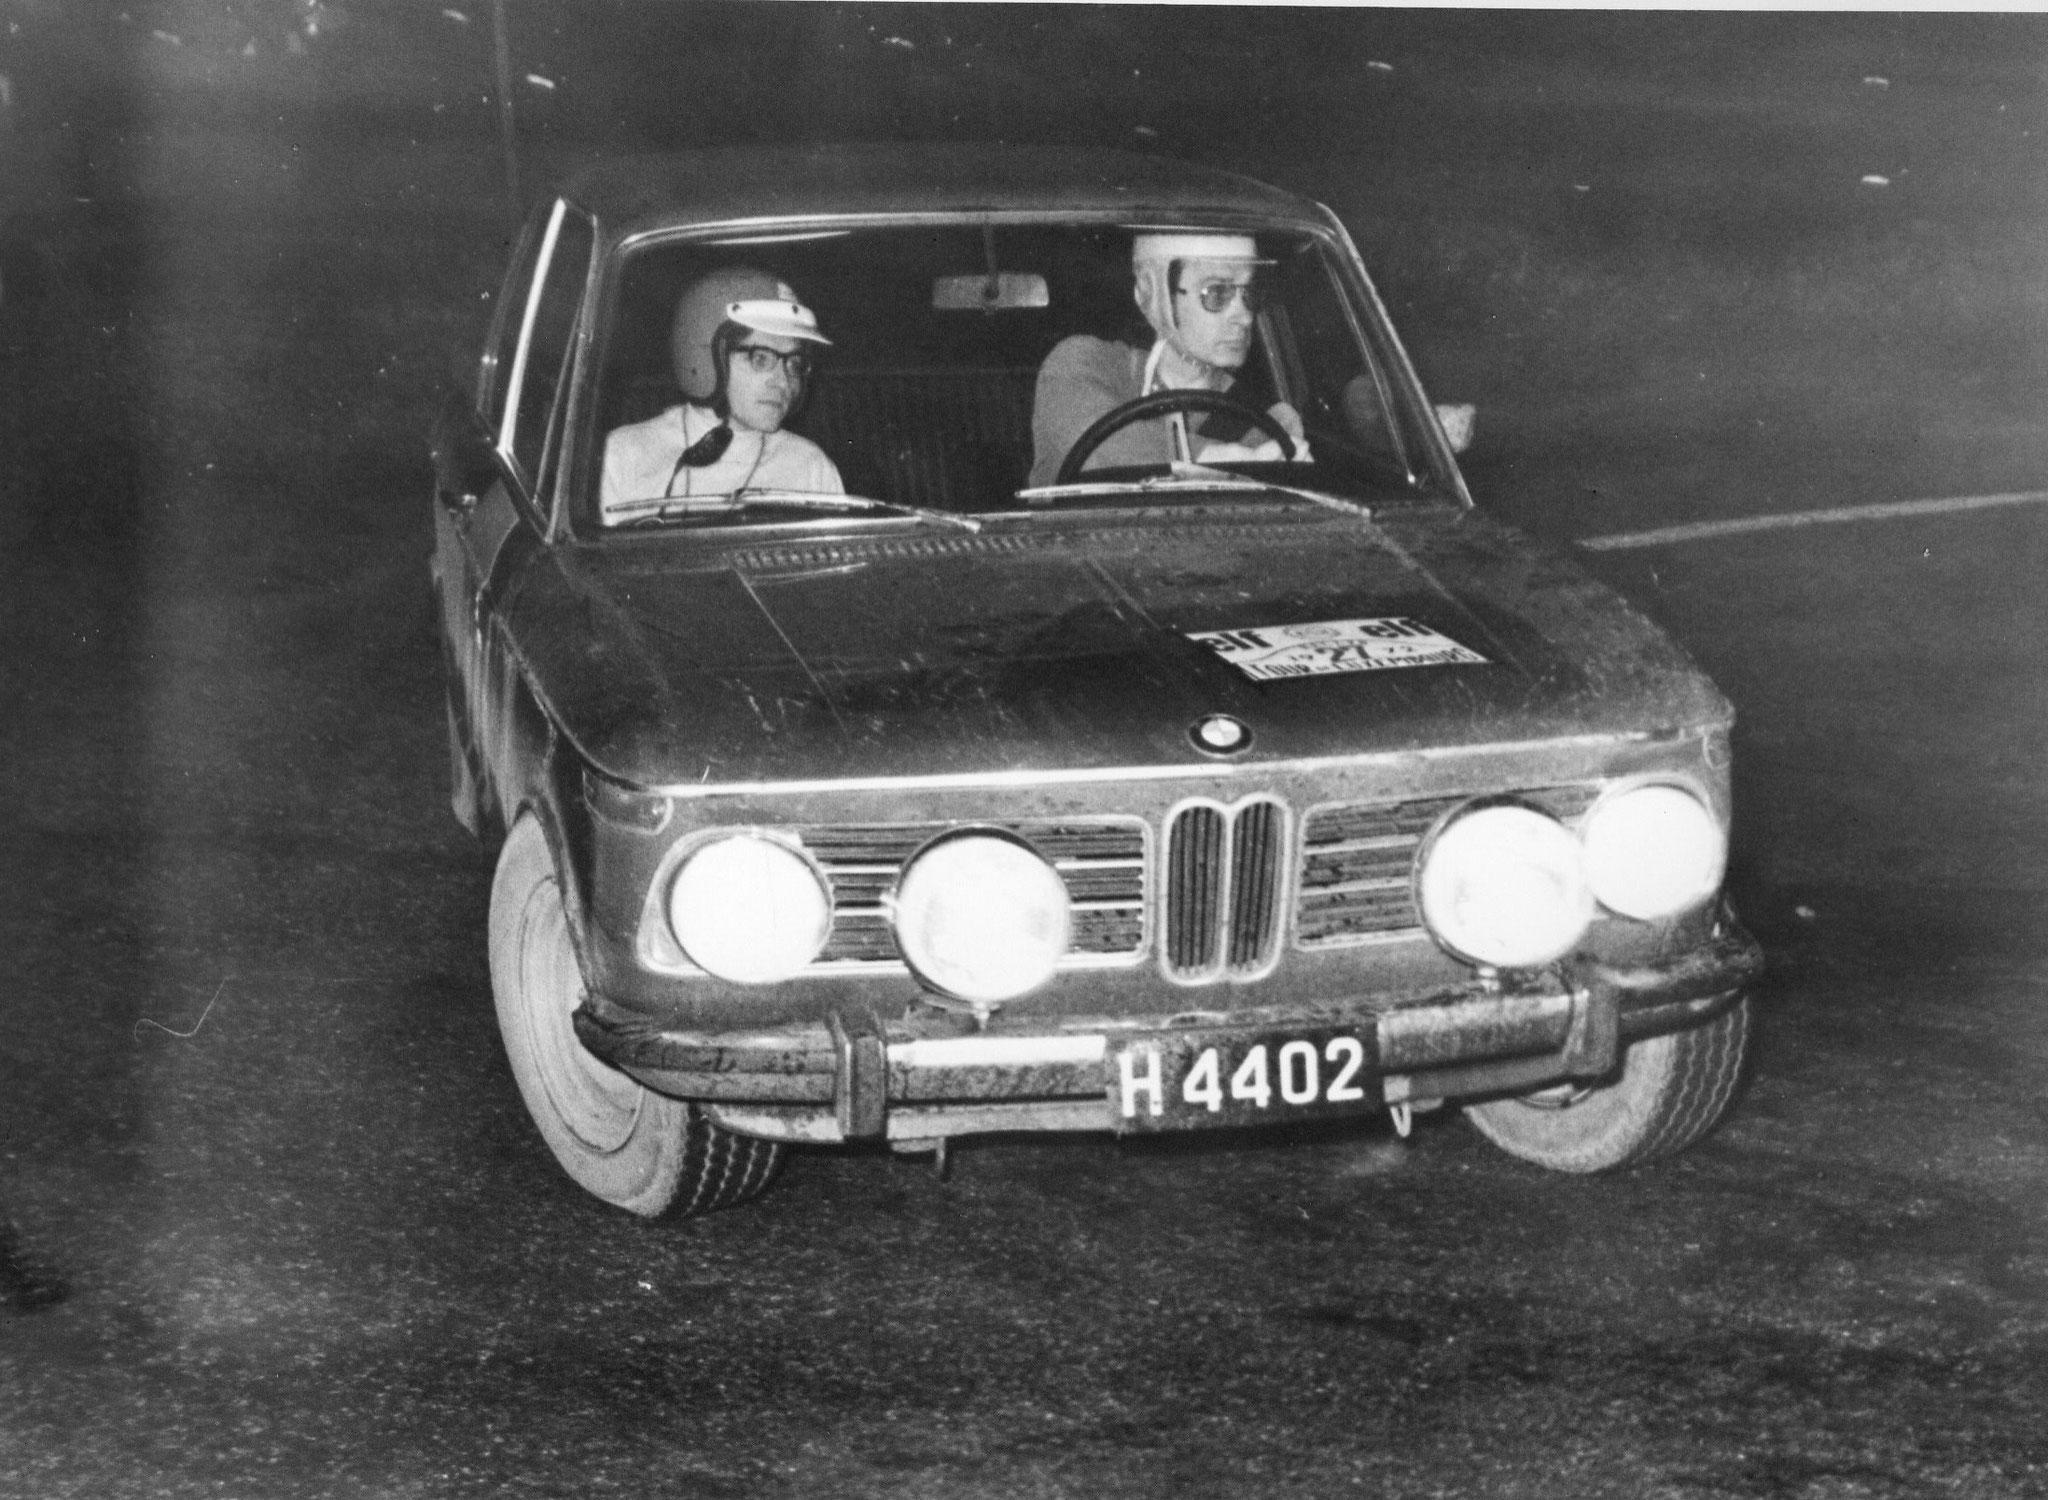 1972 TdL  Demuth - Meier